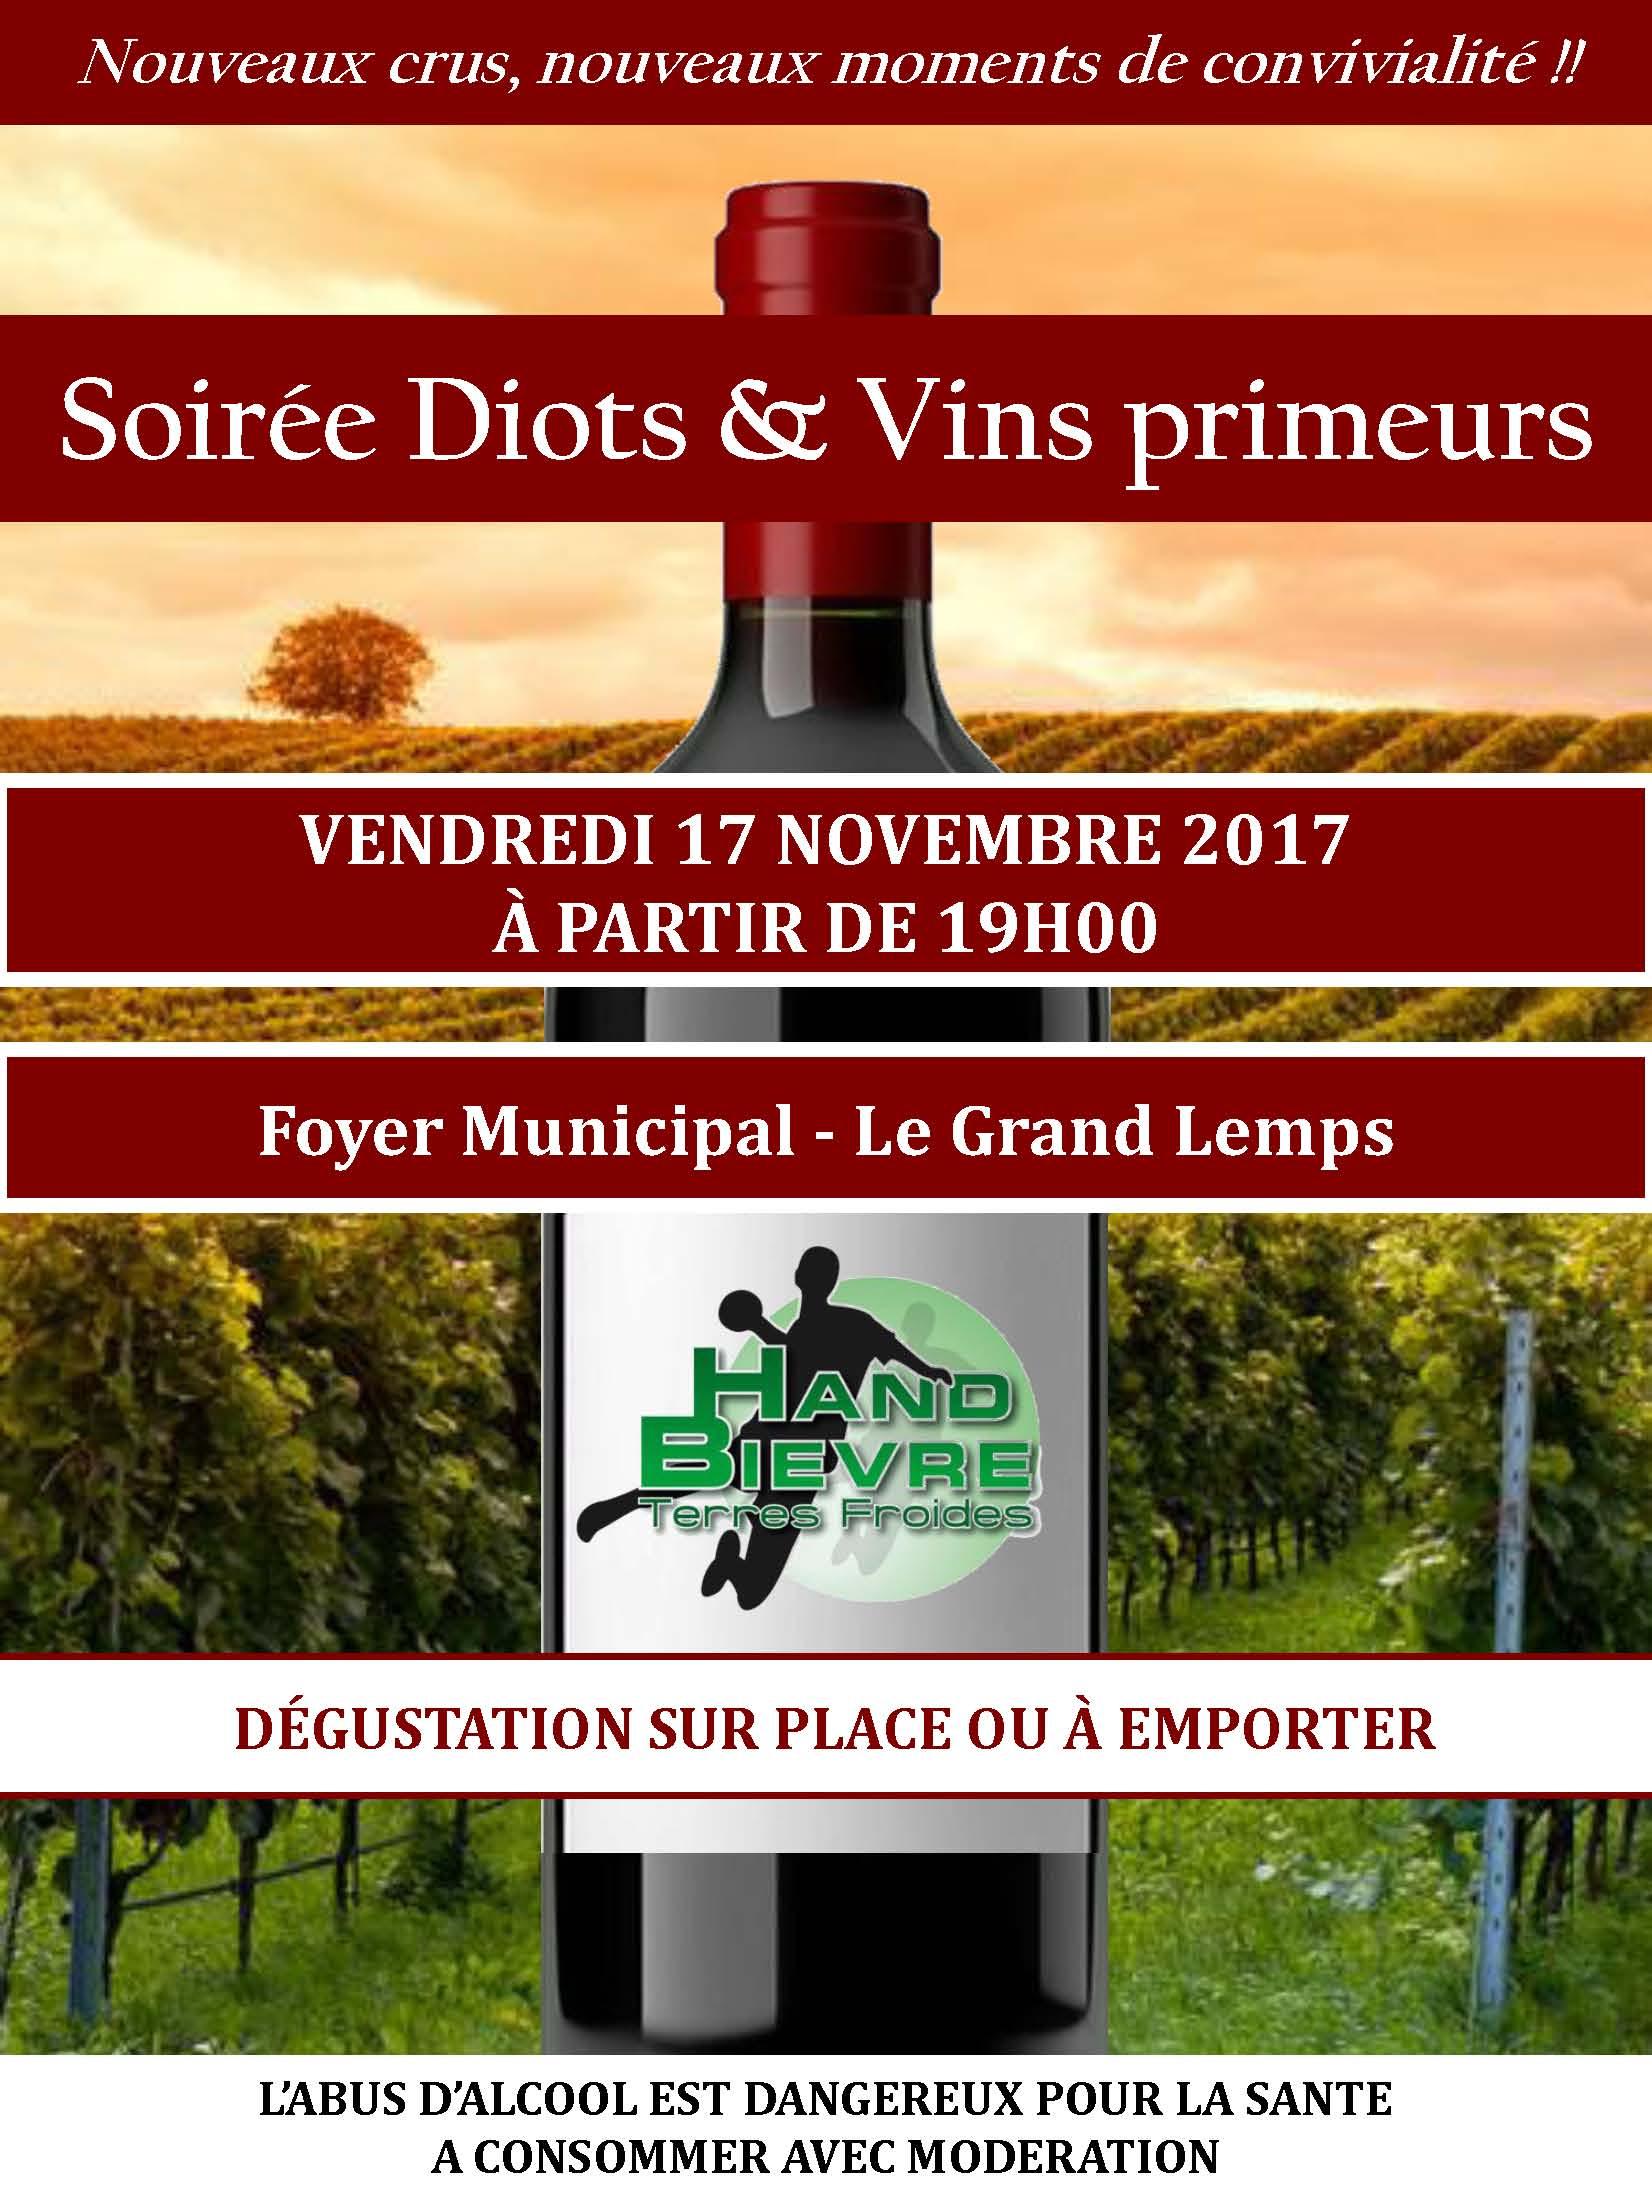 Soirée Diots et vins Primeurs - Hand Bievre Terres Froides - Club de Handball en Isère